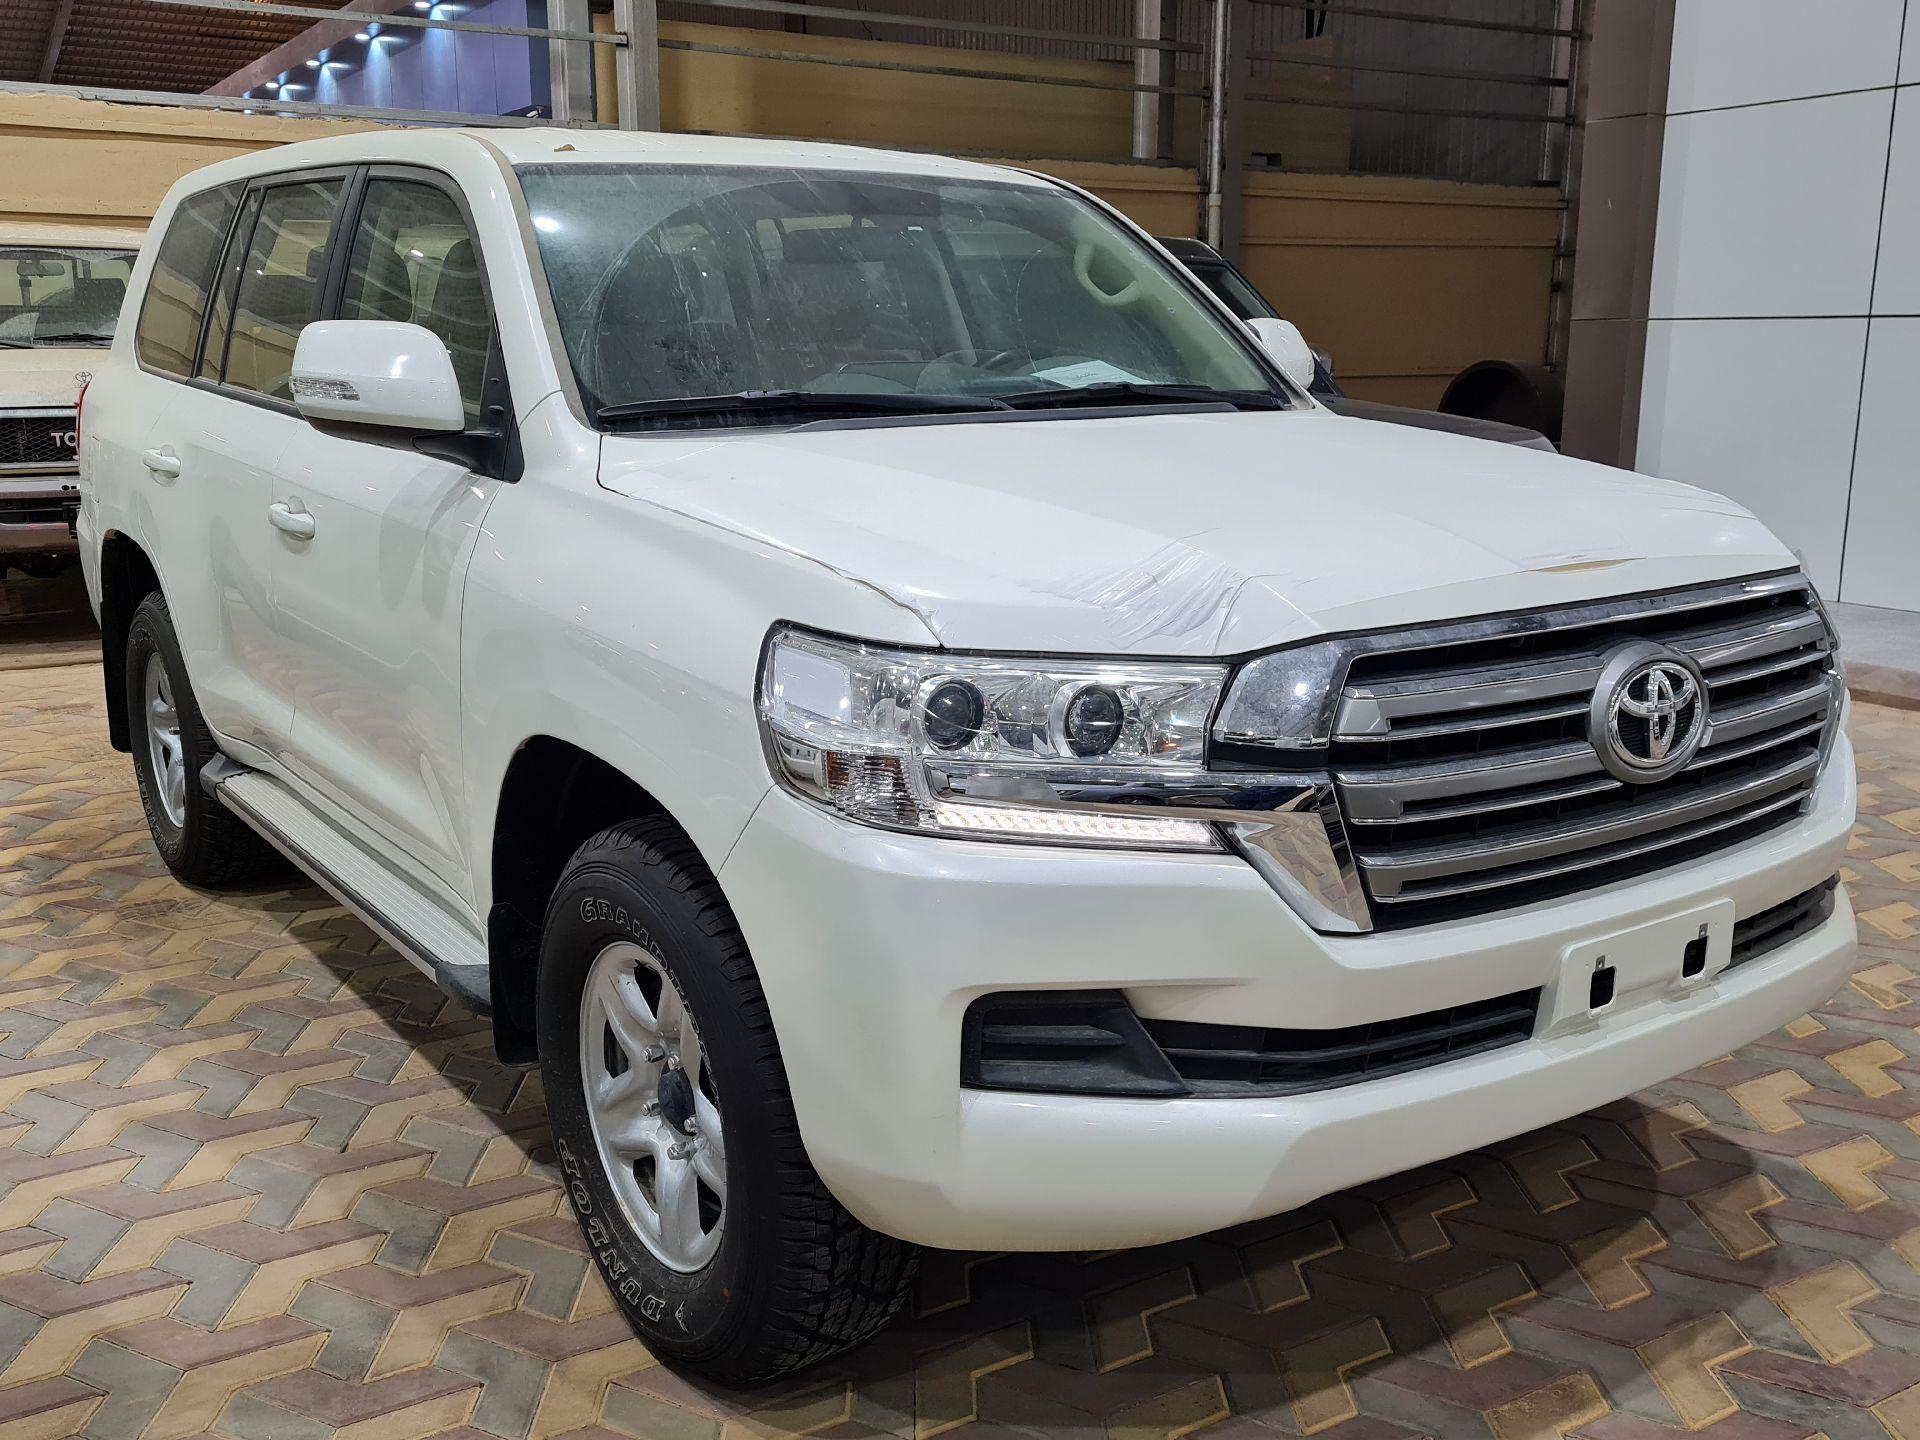 تويوتا لاندكروزر GXR1 2021 ستاندر عماني للبيع في الرياض - السعودية - صورة كبيرة - 7